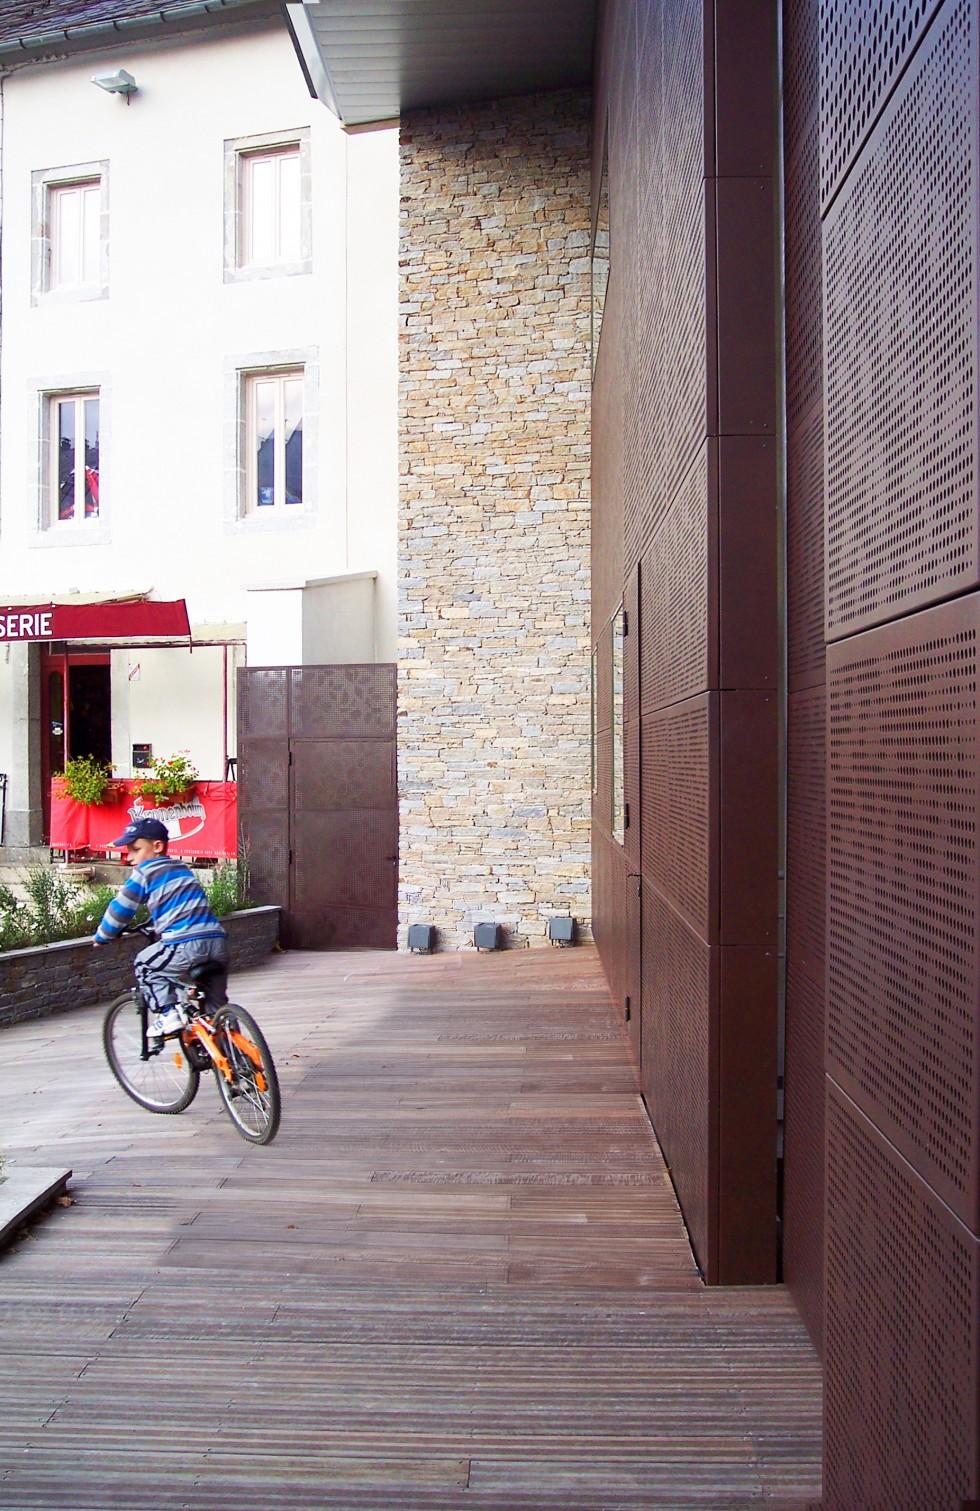 Terrasse de l'Hotel de Ville de Lacaune